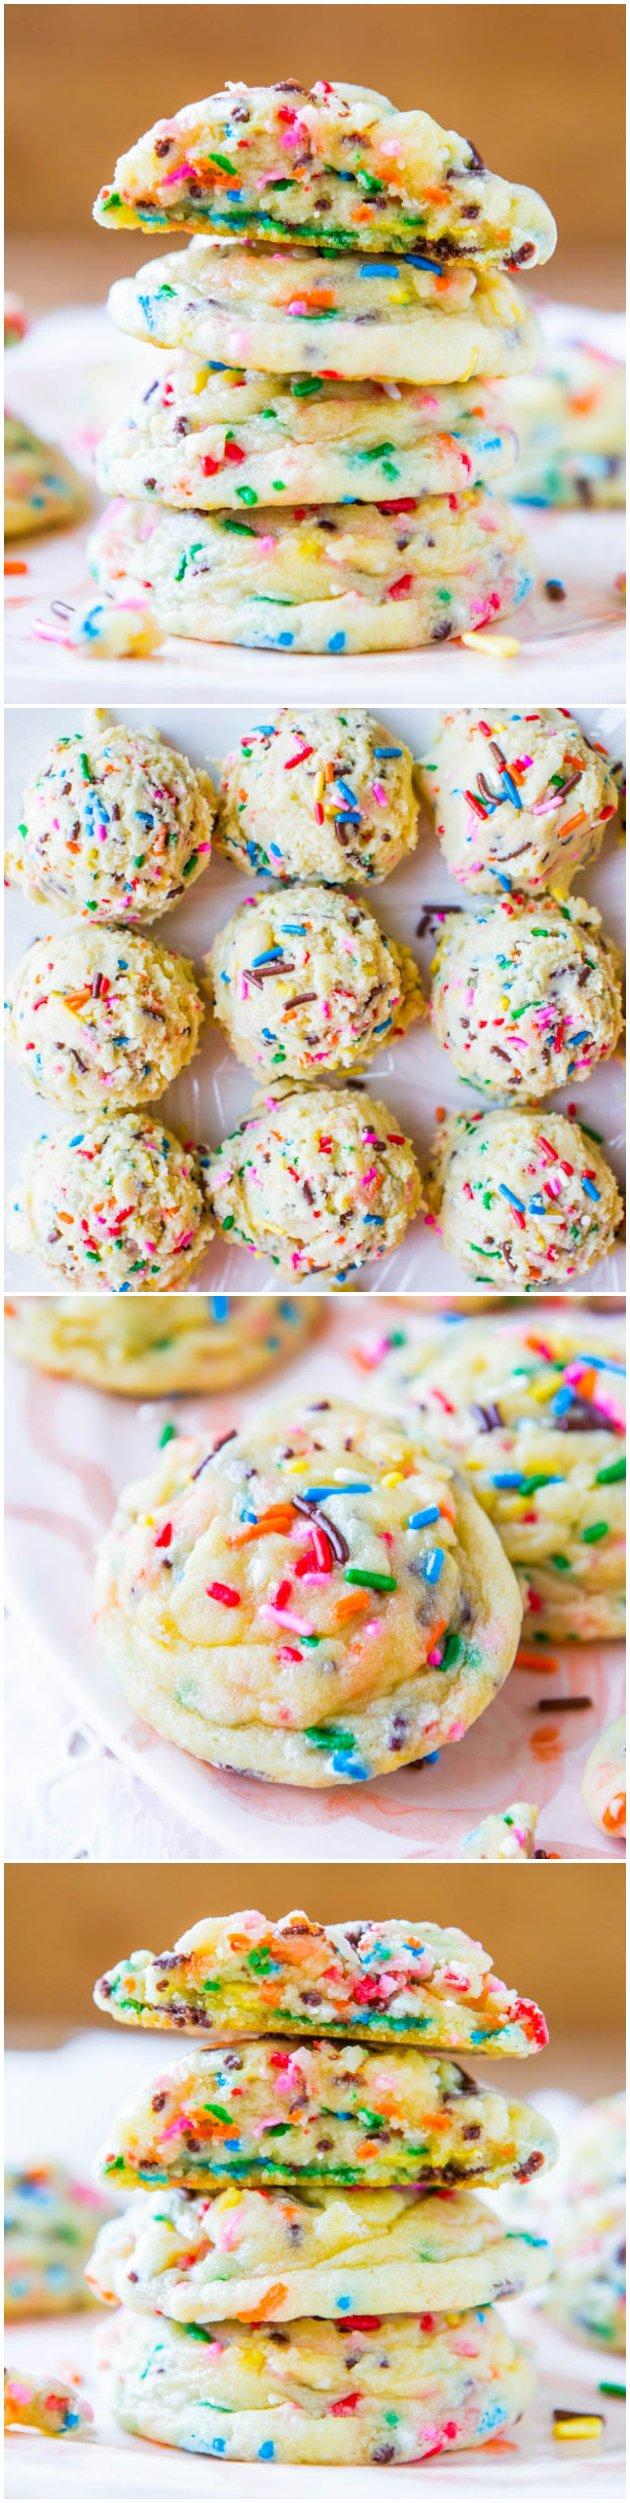 Funfetti Cake Mix Cookies From Scratch